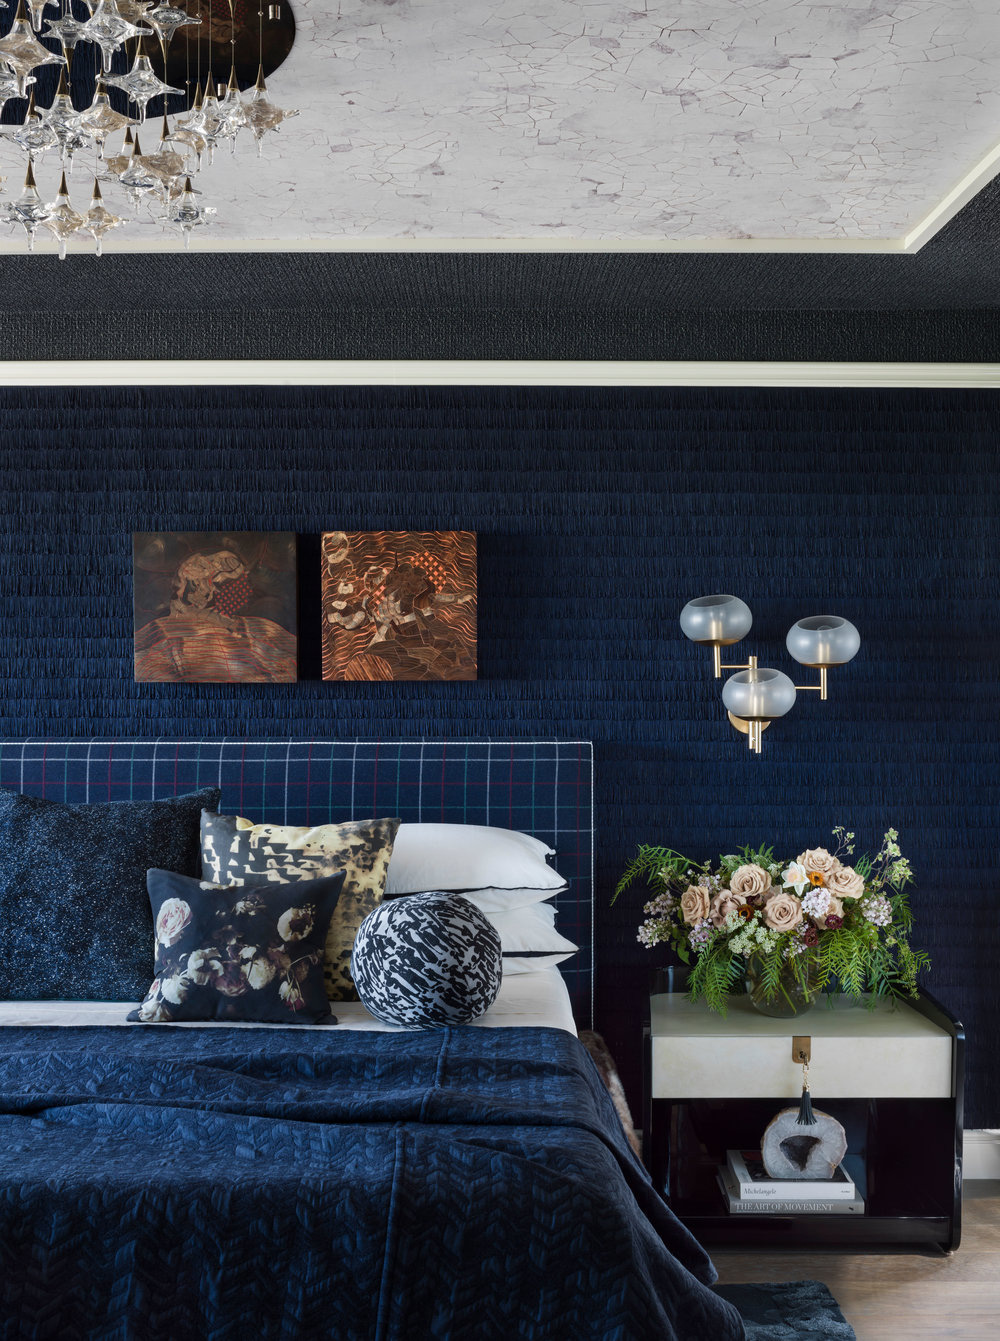 Sức lôi cuốn khó lòng chối từ những căn phòng ngủ mang sắc xanh biển cả - Ảnh 18.